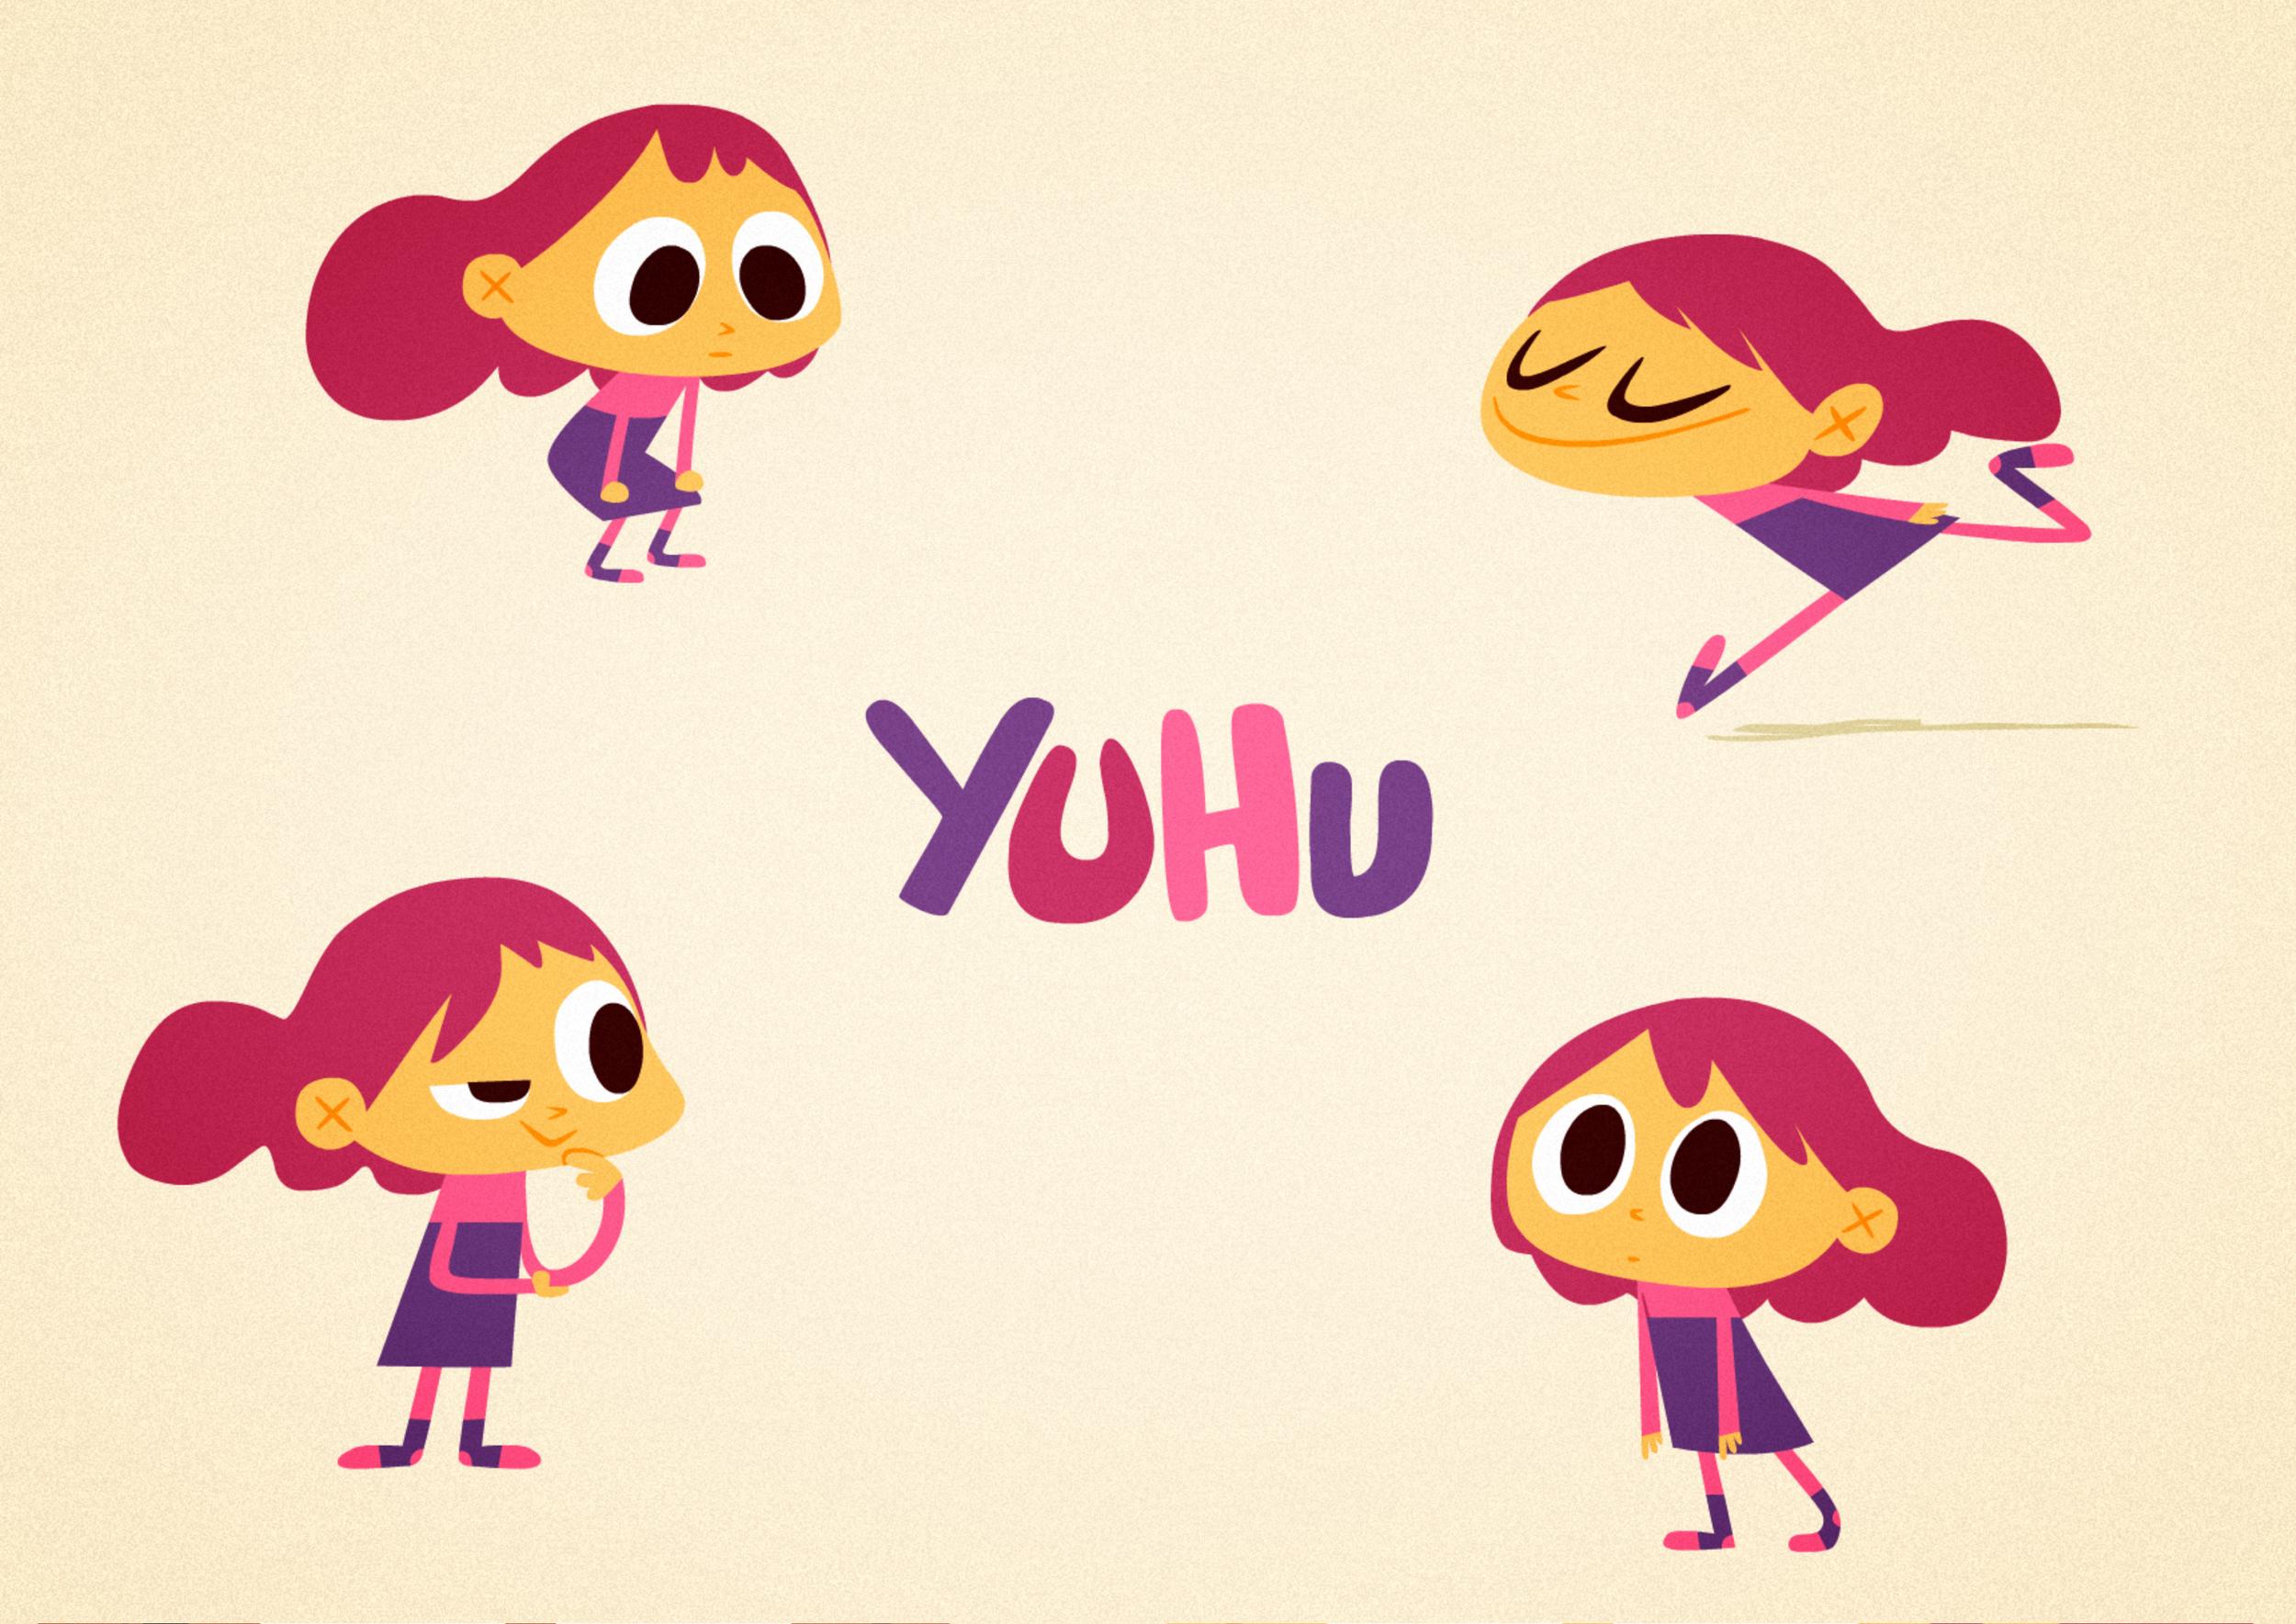 YUHU HORZ.jpg